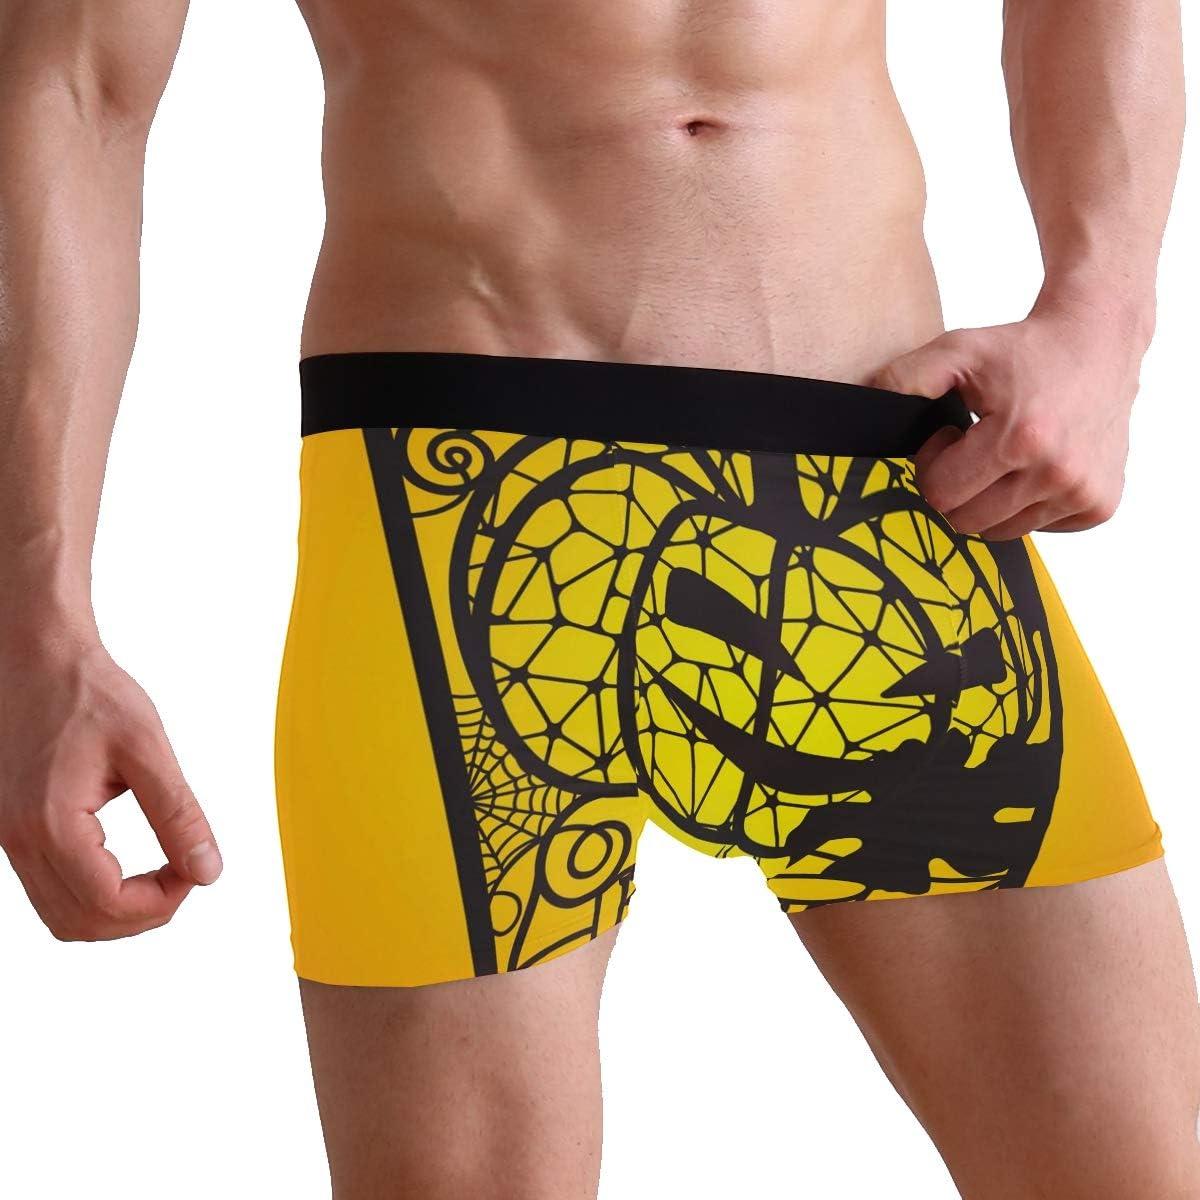 Mens 2-Pack Boxer Briefs Polyester Underwear Trunk Underwear with Spiderwebs with Pumpkin Design